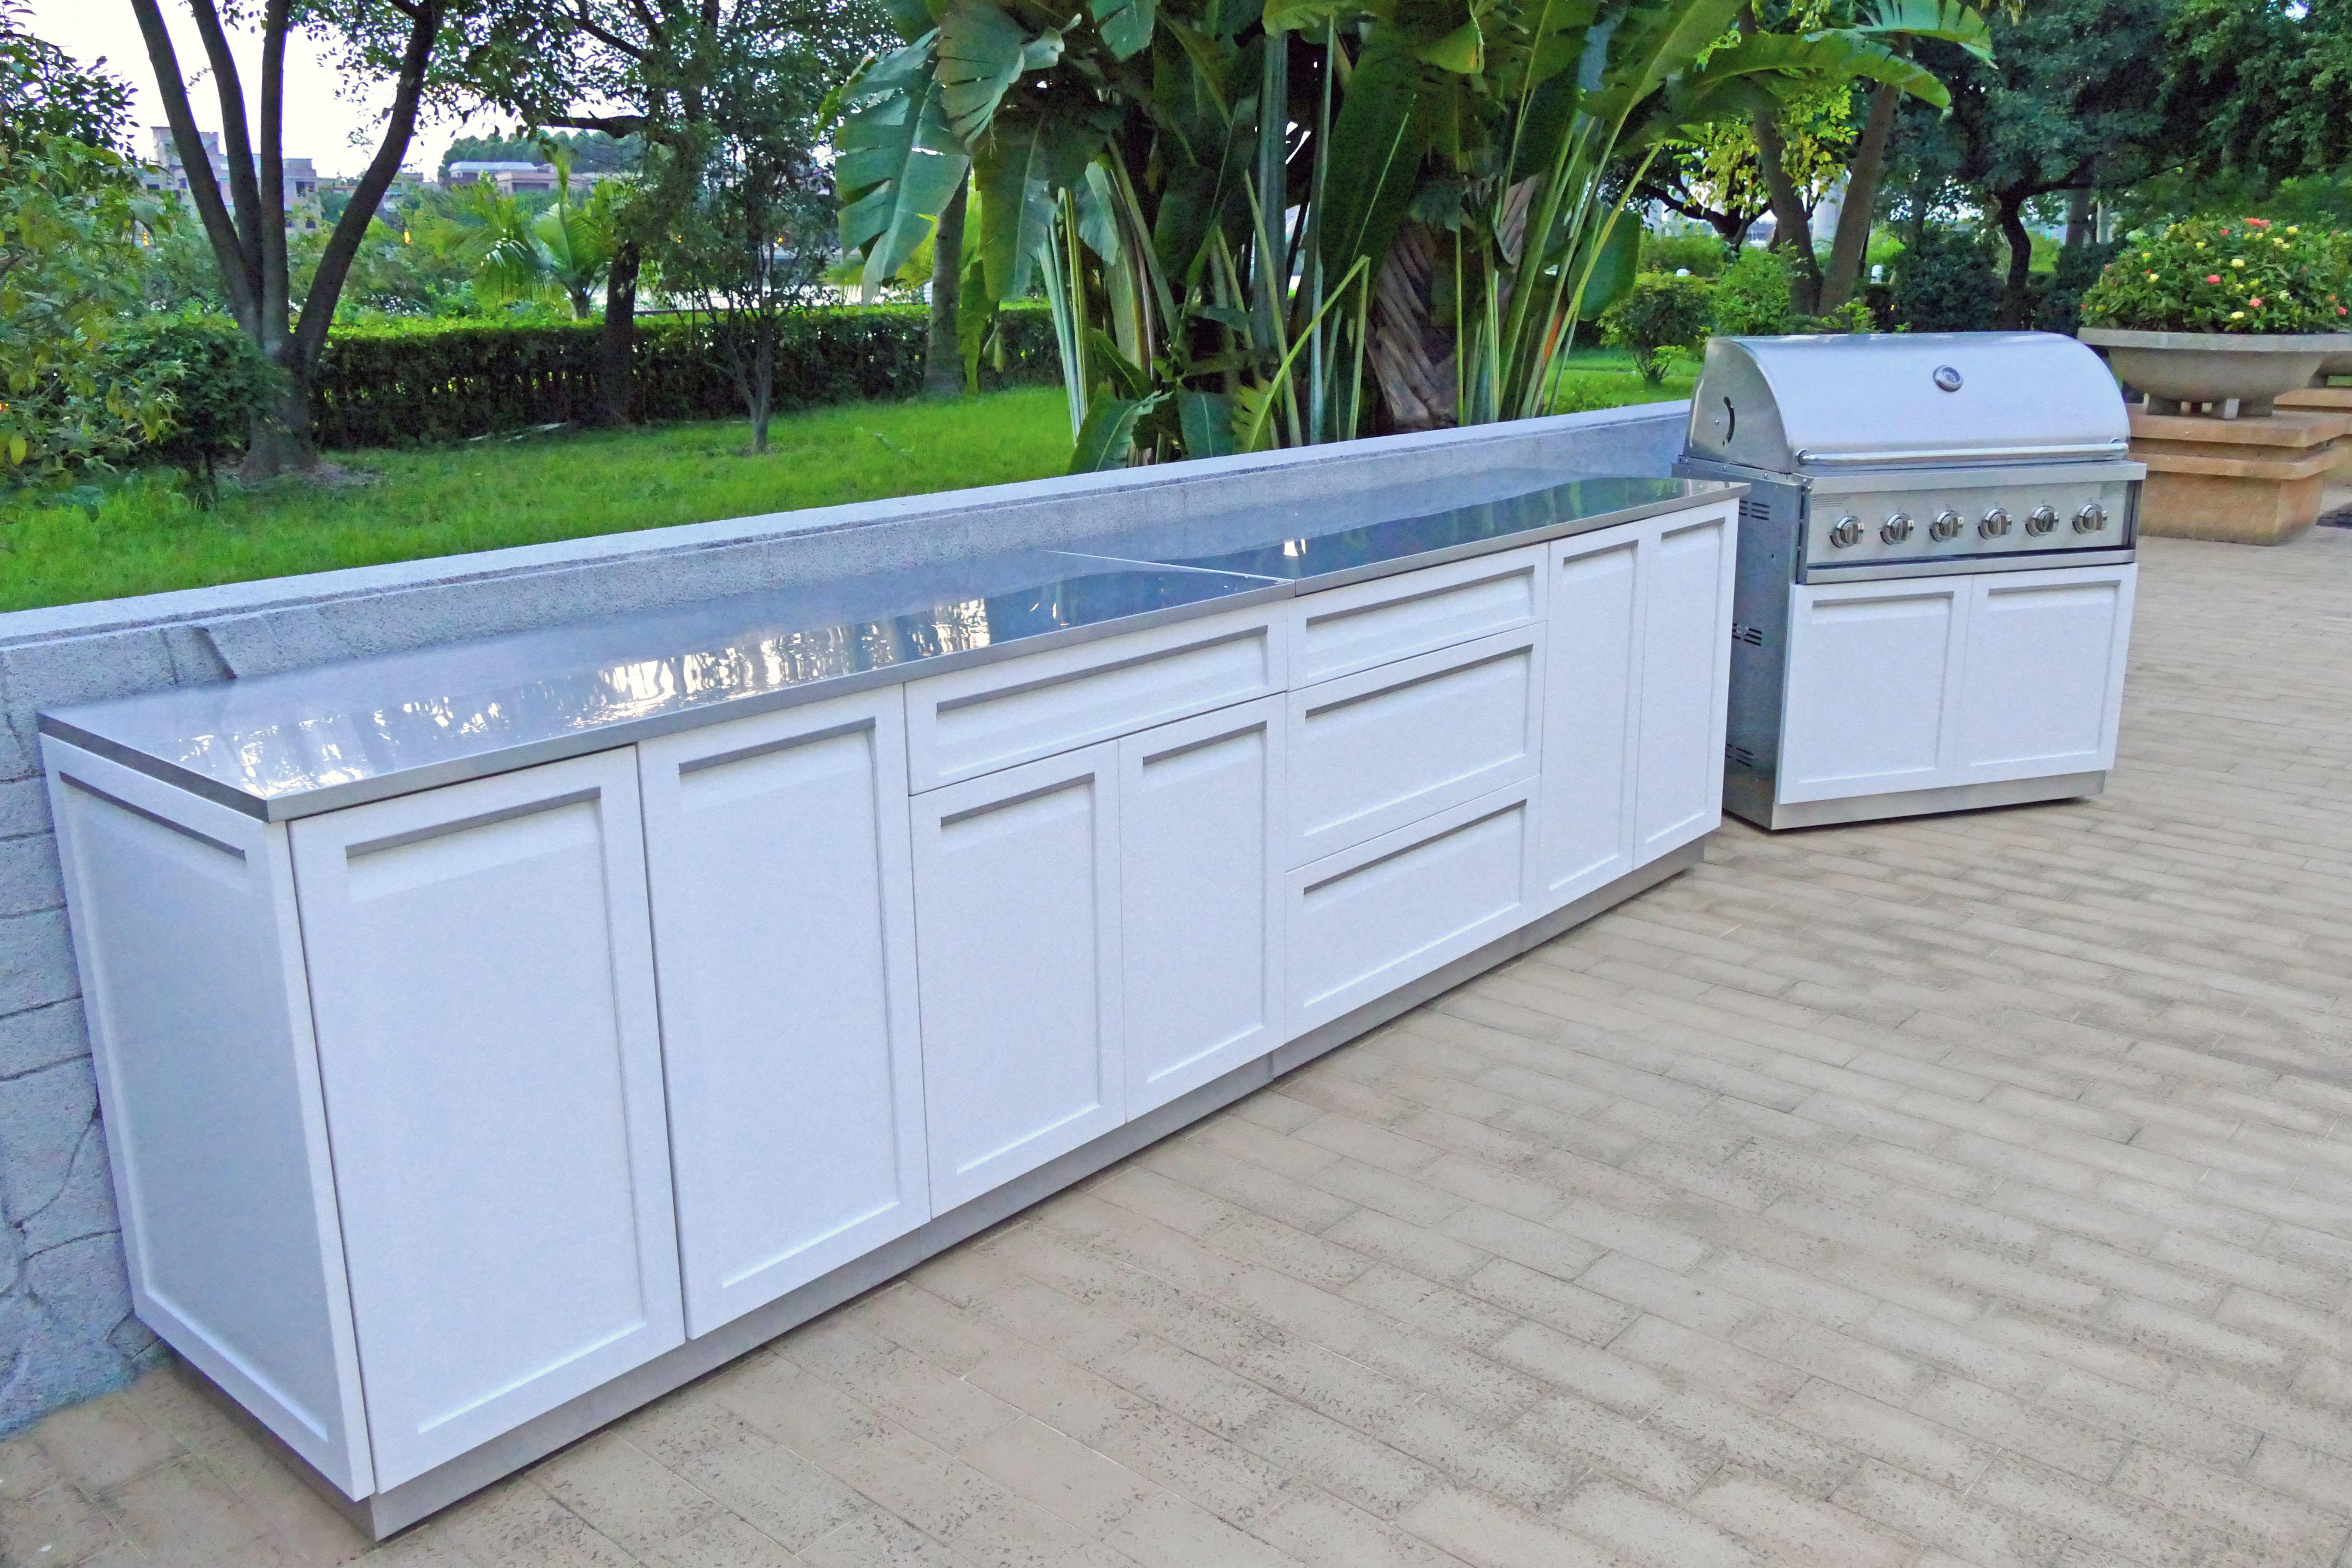 4 Piece Outdoor Kitchen Cabinet Set W40085 4 Life Outdoor Inc Outdoor Kitchen Cabinets Kitchen Set Cabinet Outdoor Kitchen